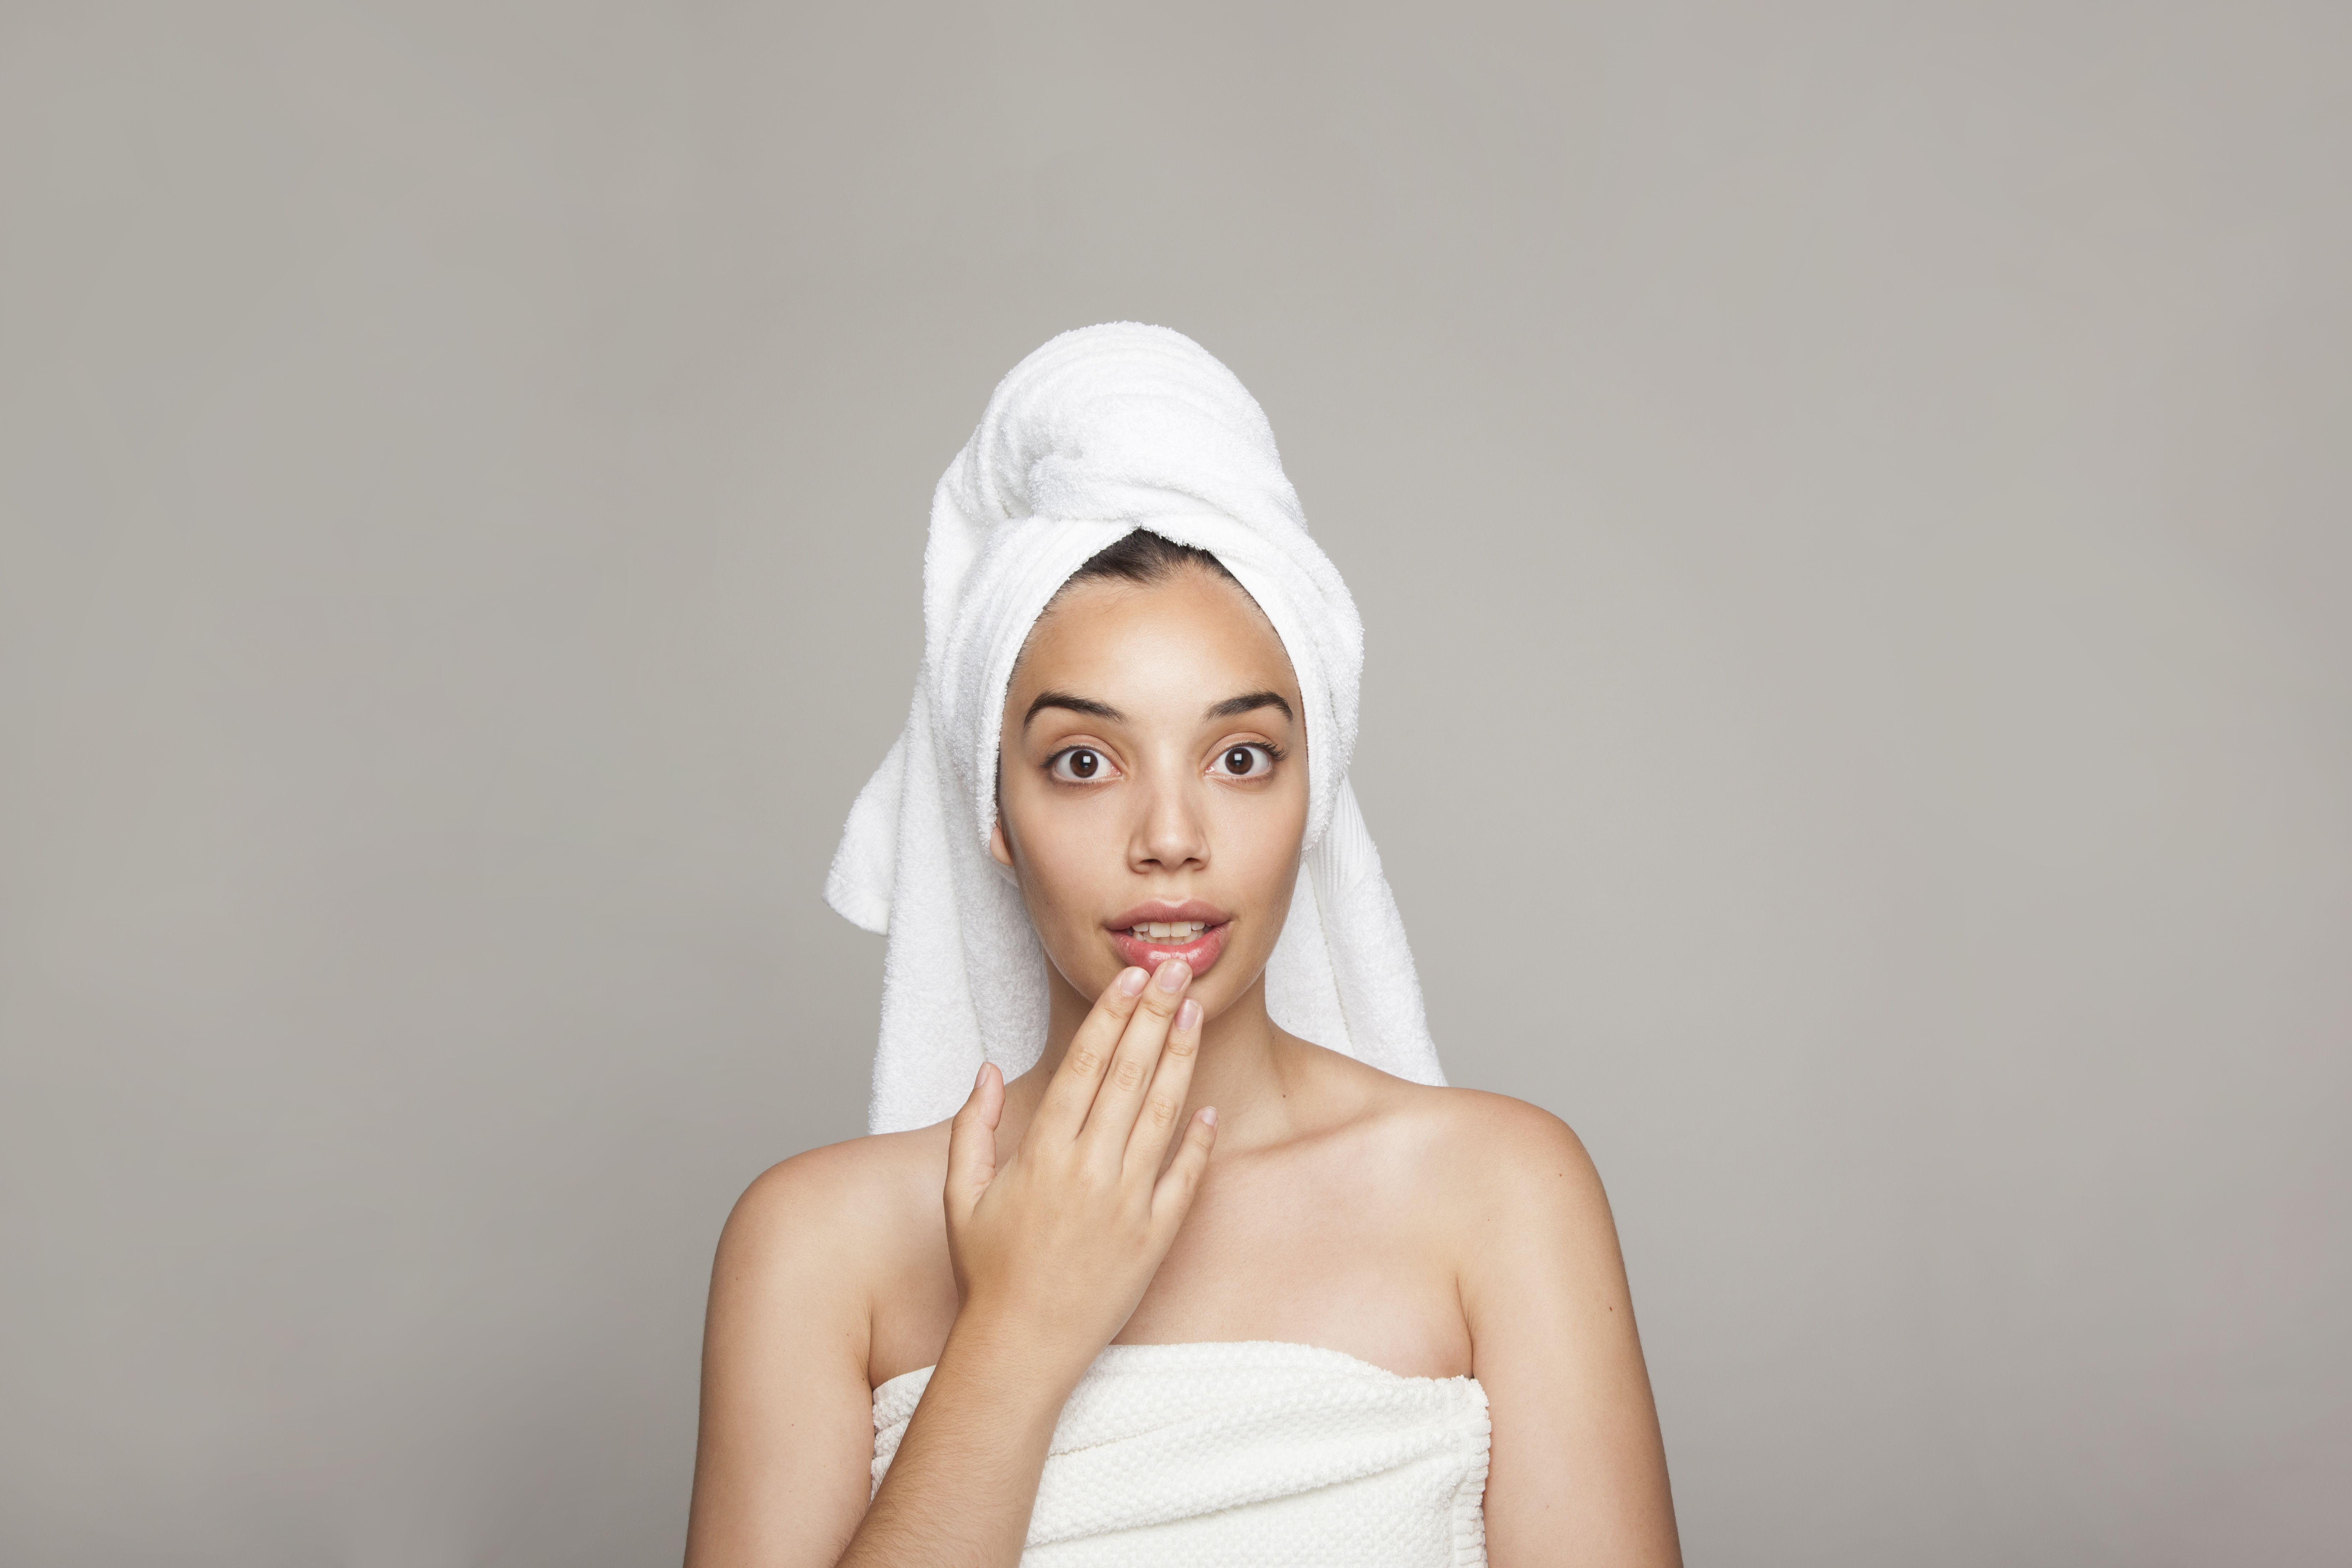 Картинка девушка с полотенцем на голове